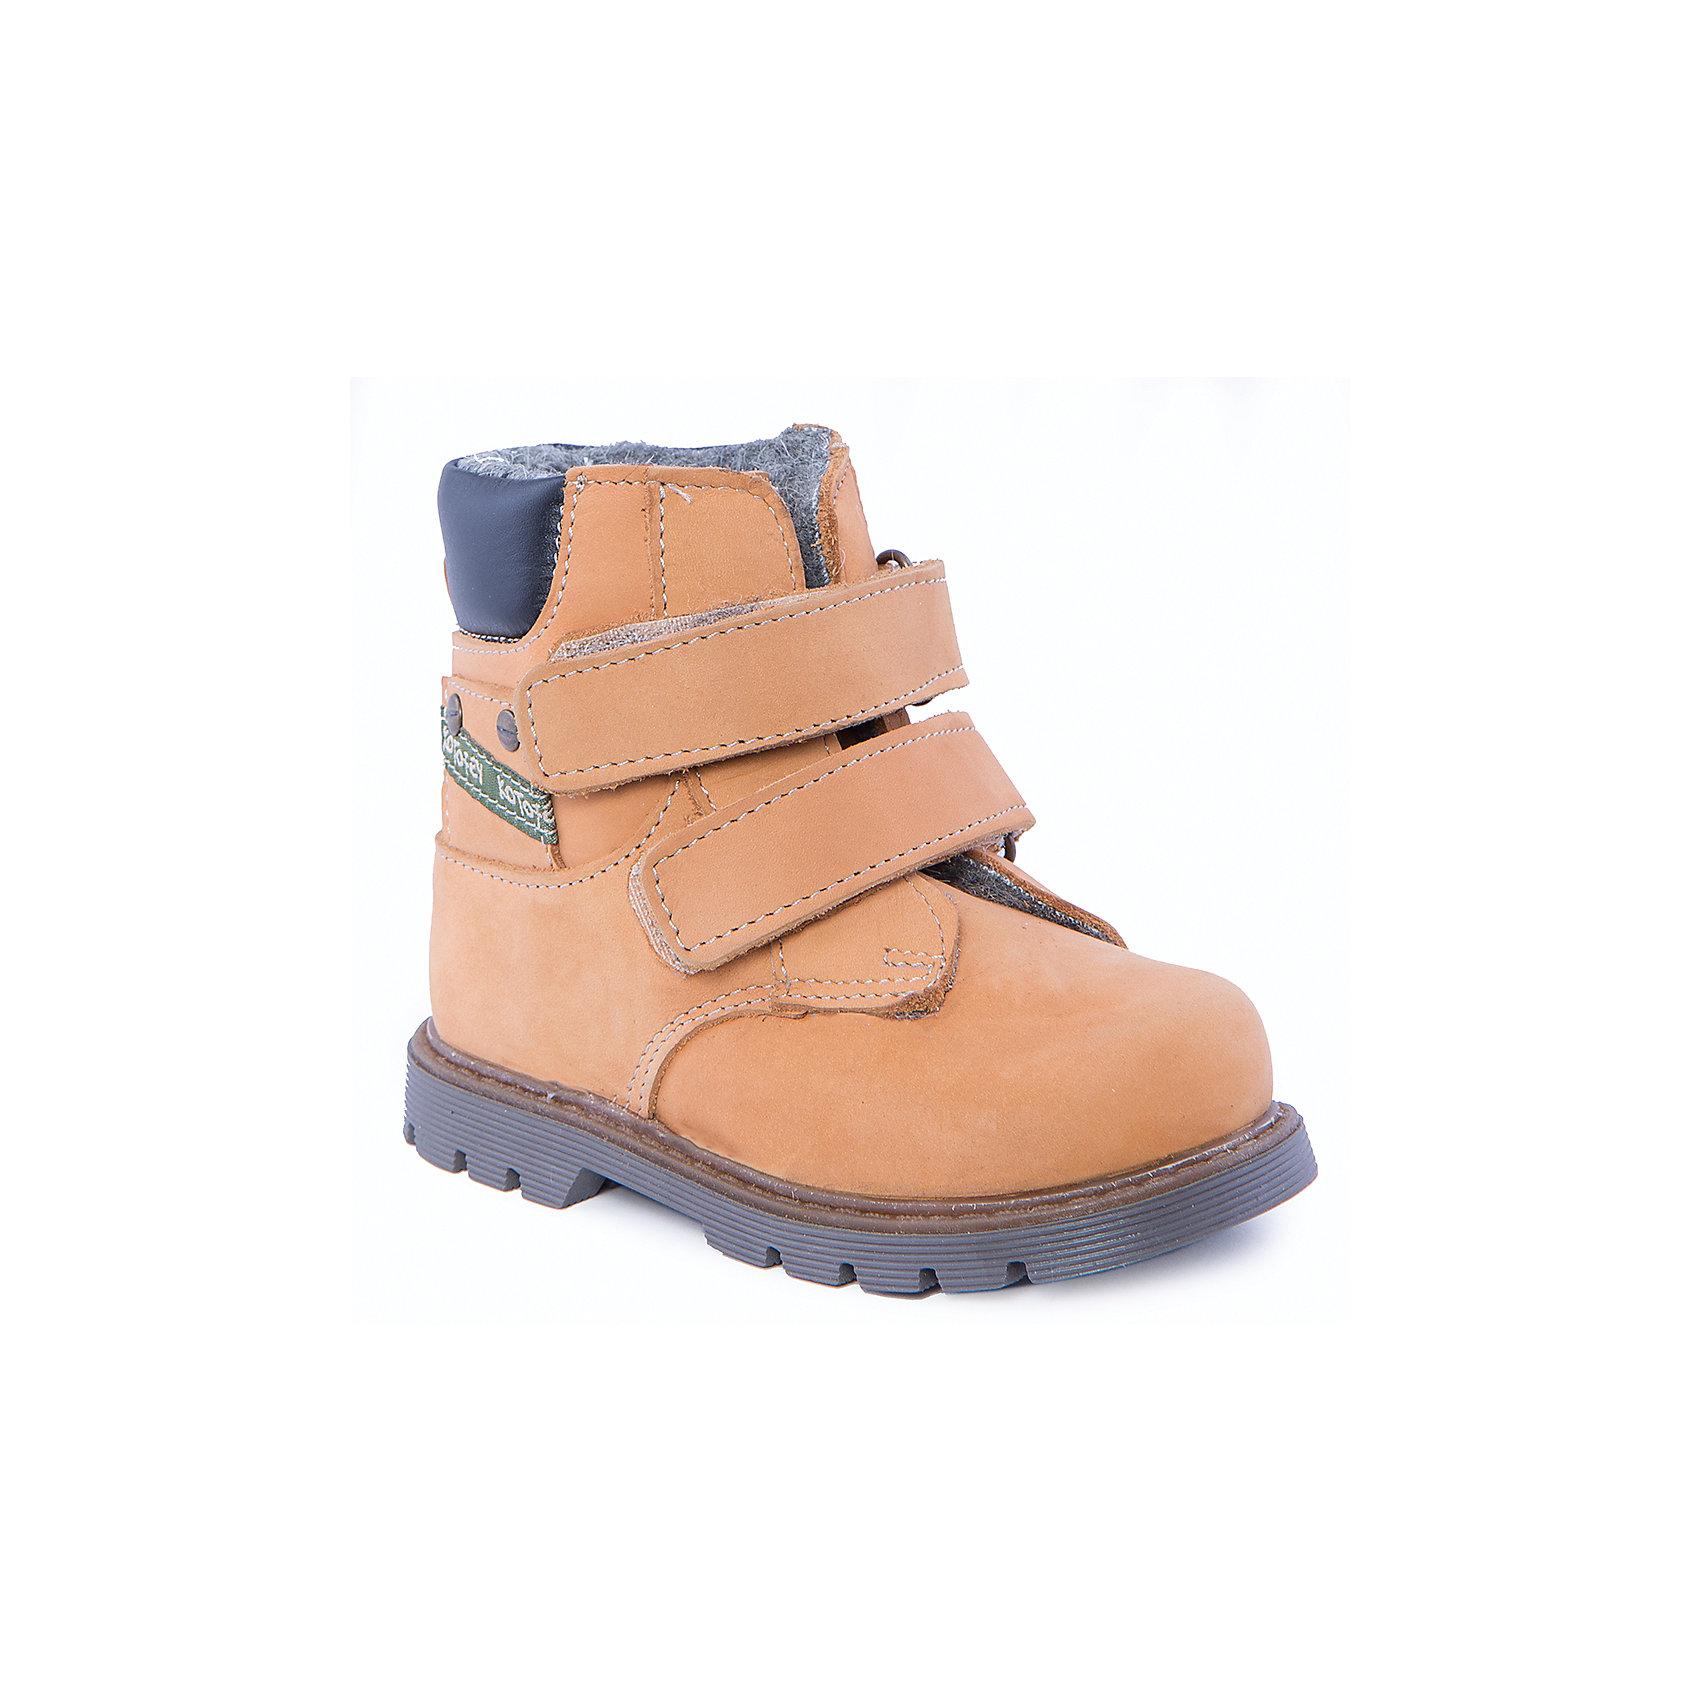 Ботинки для мальчика КотофейБотинки<br>Ботинки для мальчика от известного российского бренда Котофей<br><br>Стильные ботинки помогут защитить детские ножки от сырости и холода. Они легко надеваются, комфортно садятся по ноге.<br><br>Особенности модели: <br><br>- цвет - желтый;<br>- голенище полностью закрывает голеностоп;<br>- верх – натуральный нубук;<br>- комфортная колодка;<br>- подкладка утепленная;<br>- вид крепления – клеевой;<br>- защита пятки;<br>- амортизирующая устойчивая подошва;<br>- застежка - липучка.<br><br>Дополнительная информация:<br><br>Температурный режим: <br><br>от 0° С до -25° С<br><br>Состав:<br>верх – натуральная кожа;<br>подкладка - овчина;<br>подошва - ТЭП.<br><br>Ботинки для мальчика Котофей можно купить в нашем магазине.<br><br>Ширина мм: 262<br>Глубина мм: 176<br>Высота мм: 97<br>Вес г: 427<br>Цвет: желтый<br>Возраст от месяцев: 18<br>Возраст до месяцев: 21<br>Пол: Мужской<br>Возраст: Детский<br>Размер: 23,26,25,24<br>SKU: 4315308